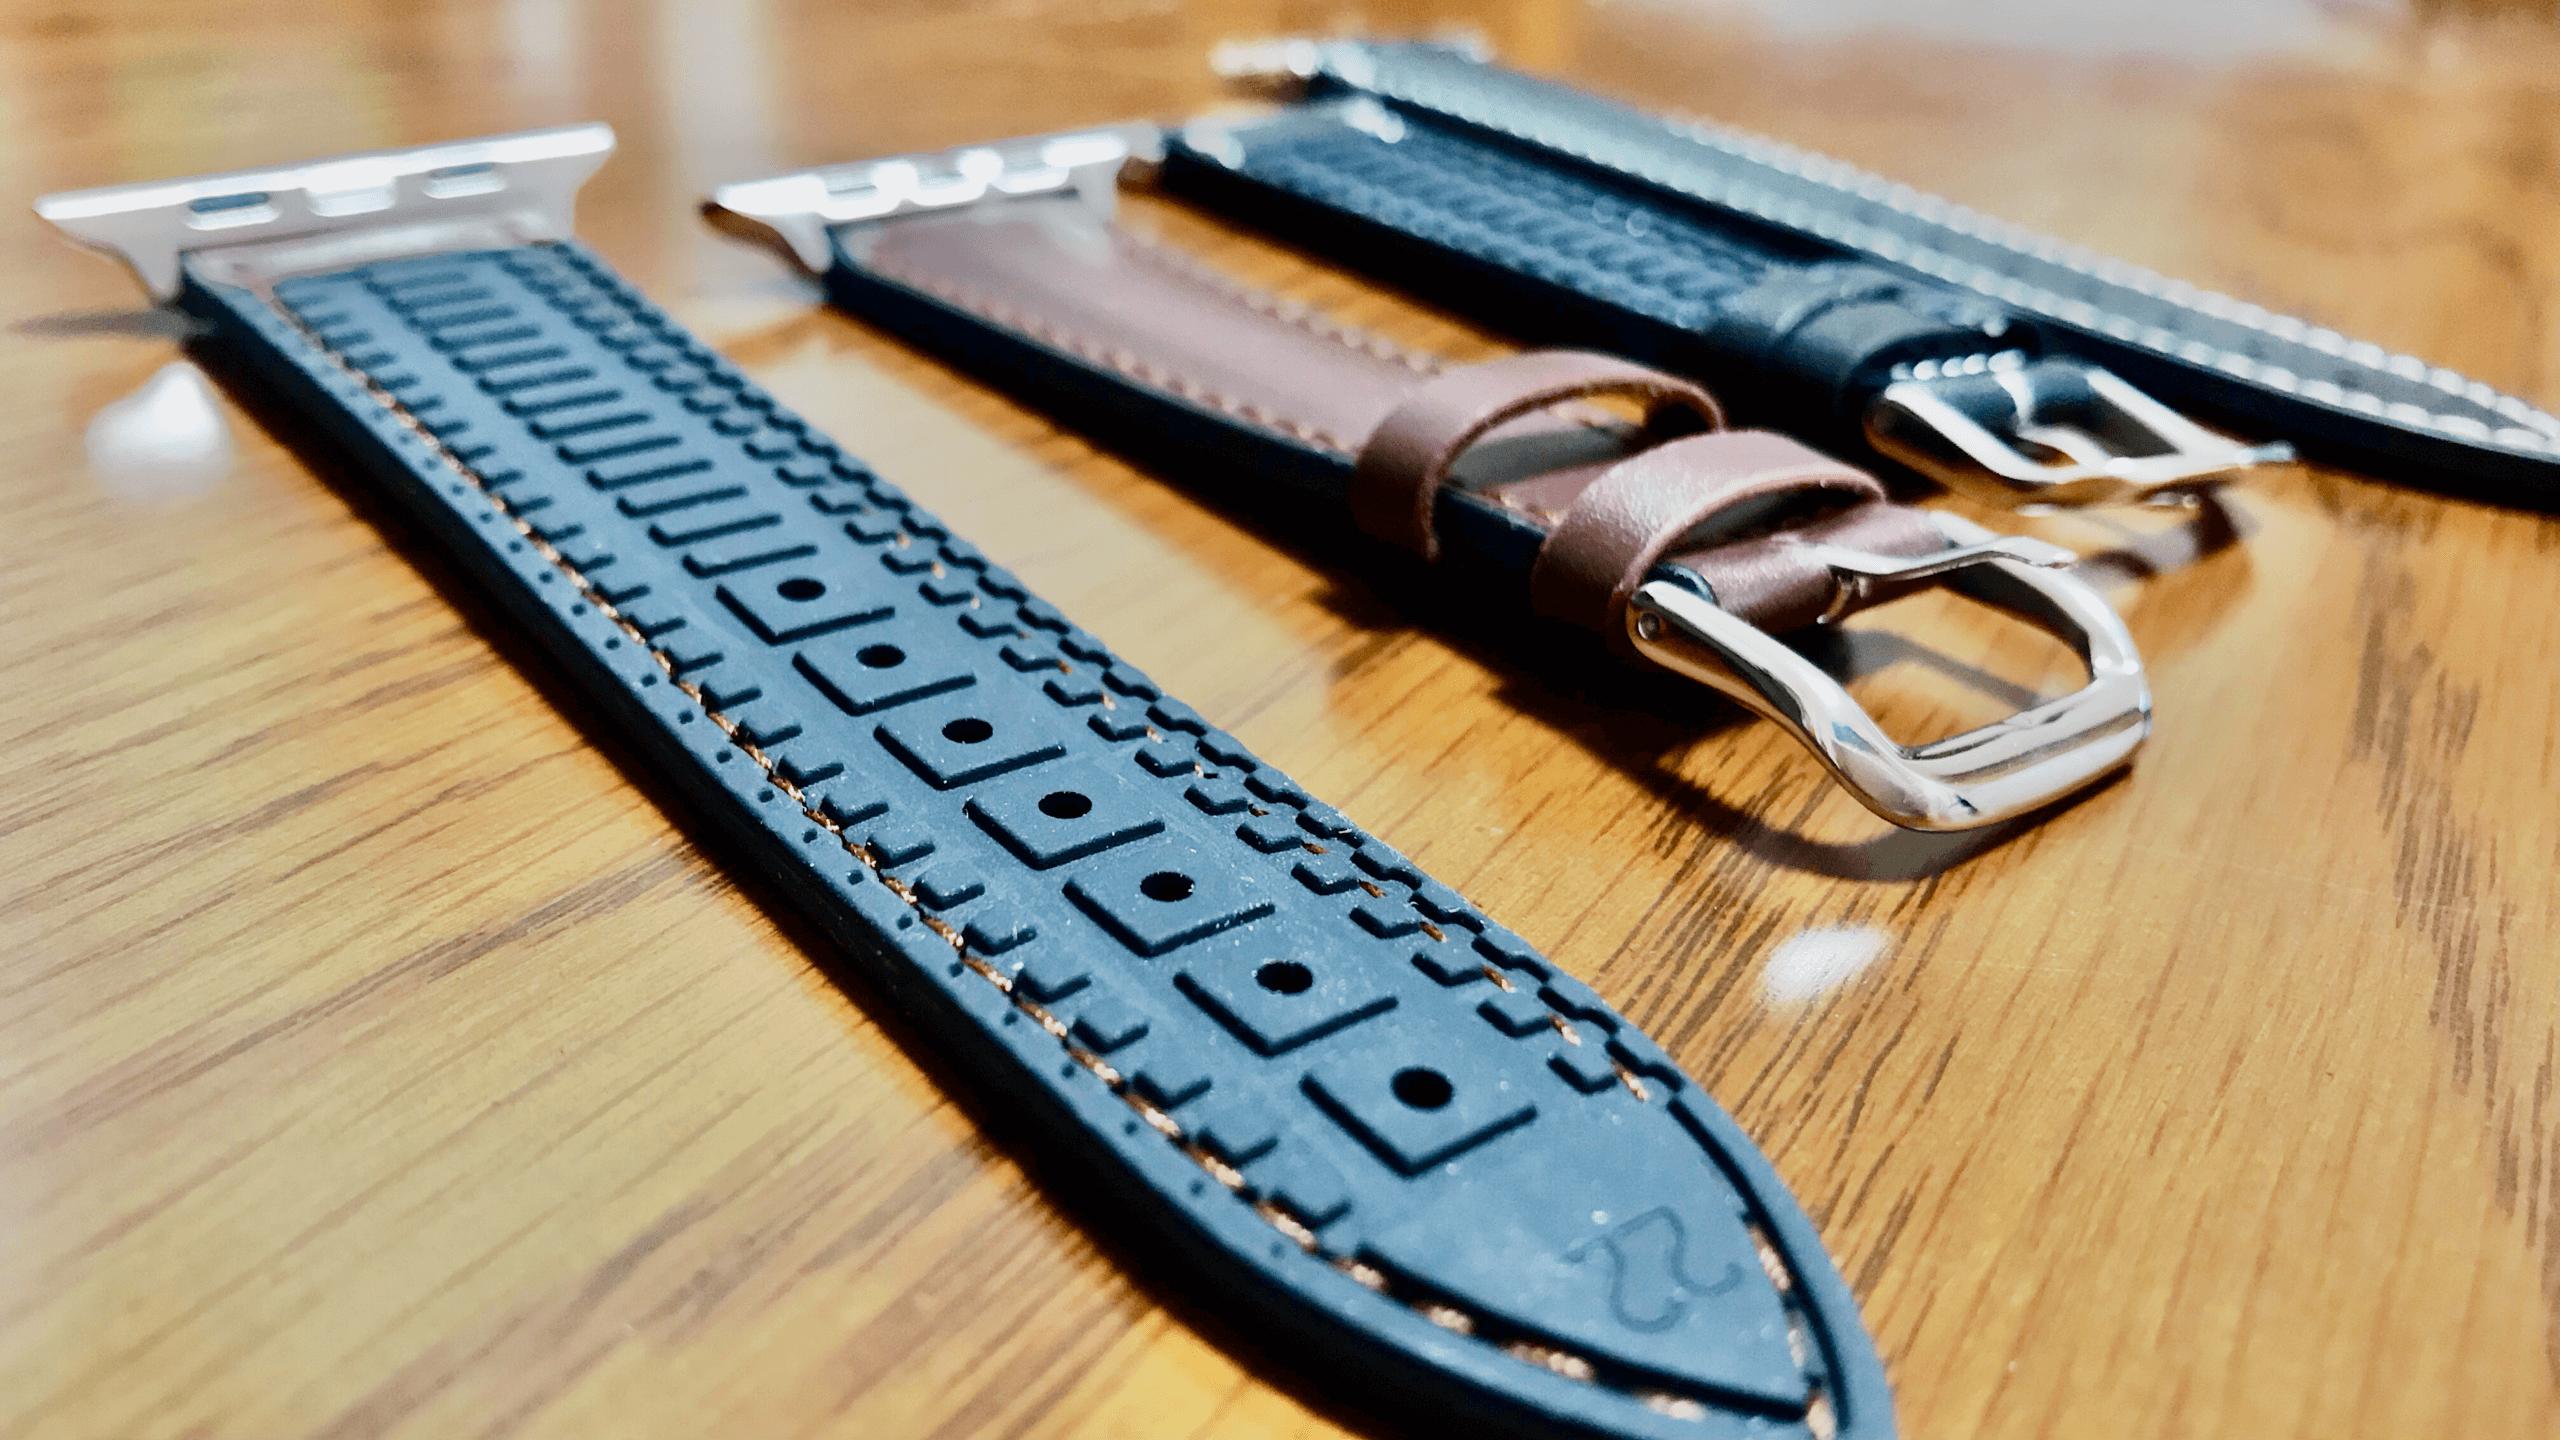 Apple Watchの革バンドはレザー×シリコンがおすすめ!普段使いできる耐久性とビジネスにも適したレザーの良いとこ取り!